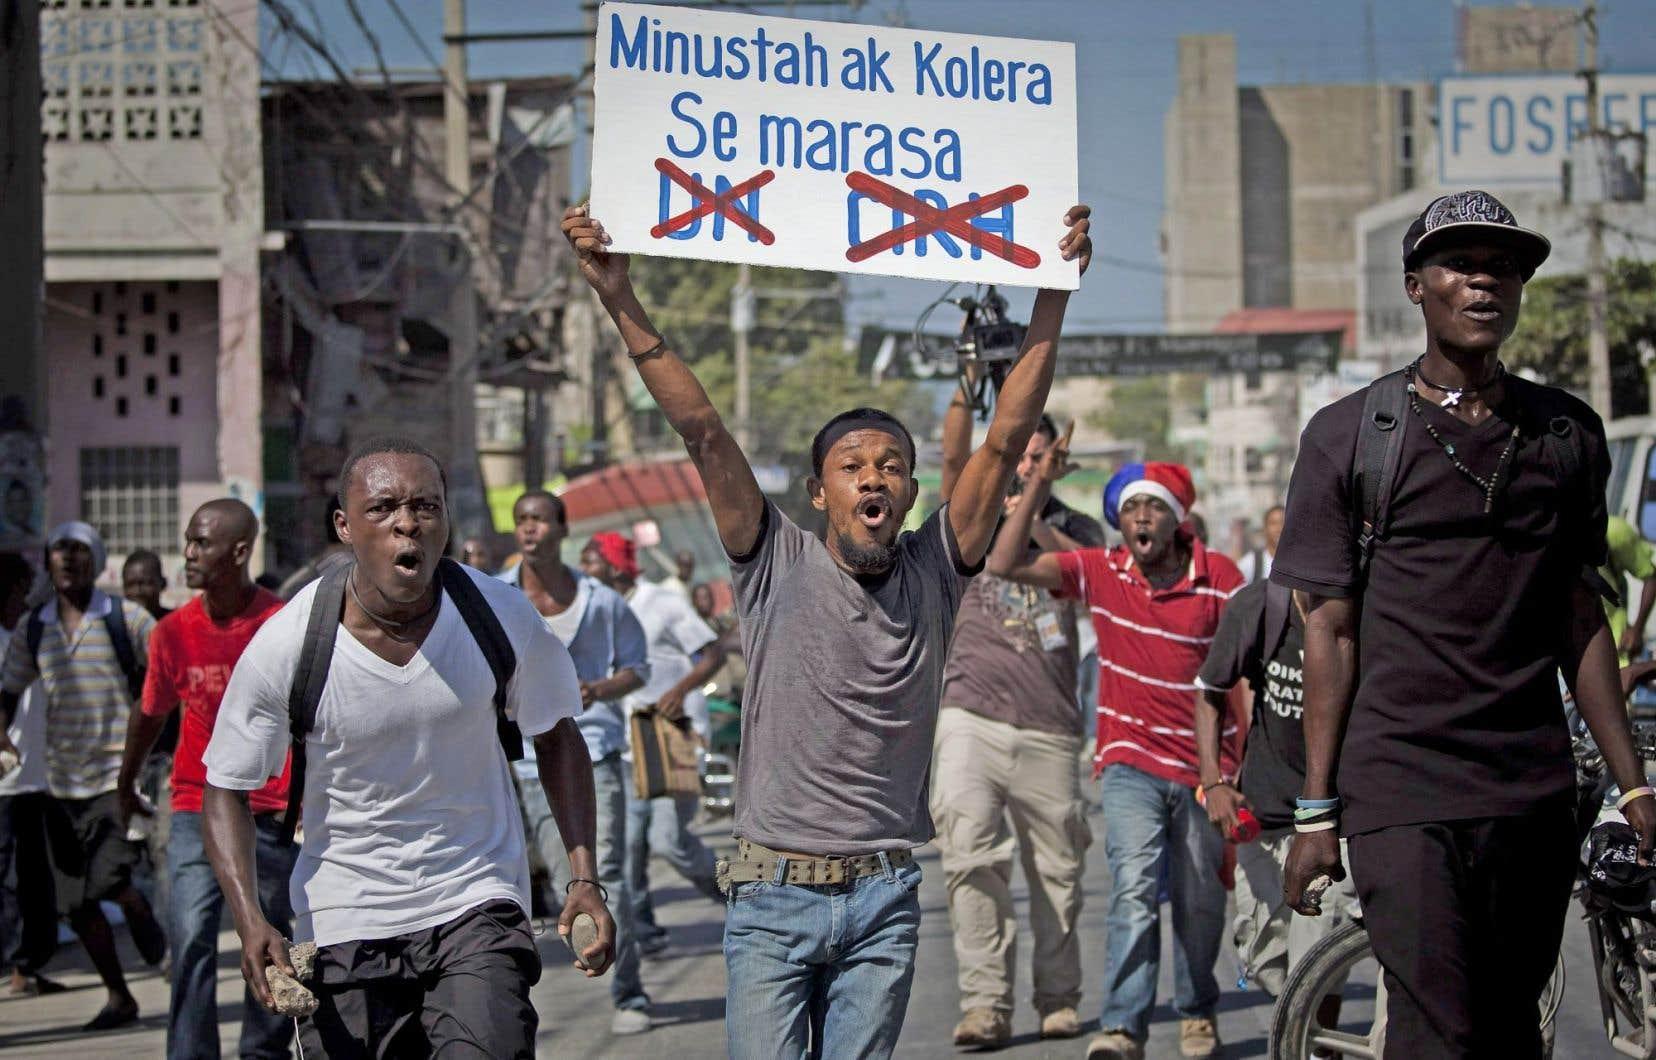 «Minustah et choléra vont de pair», dénonçait-on dans cette manifestation datant de 2010, alors que les souçons se tournaient vers les Casques bleus.